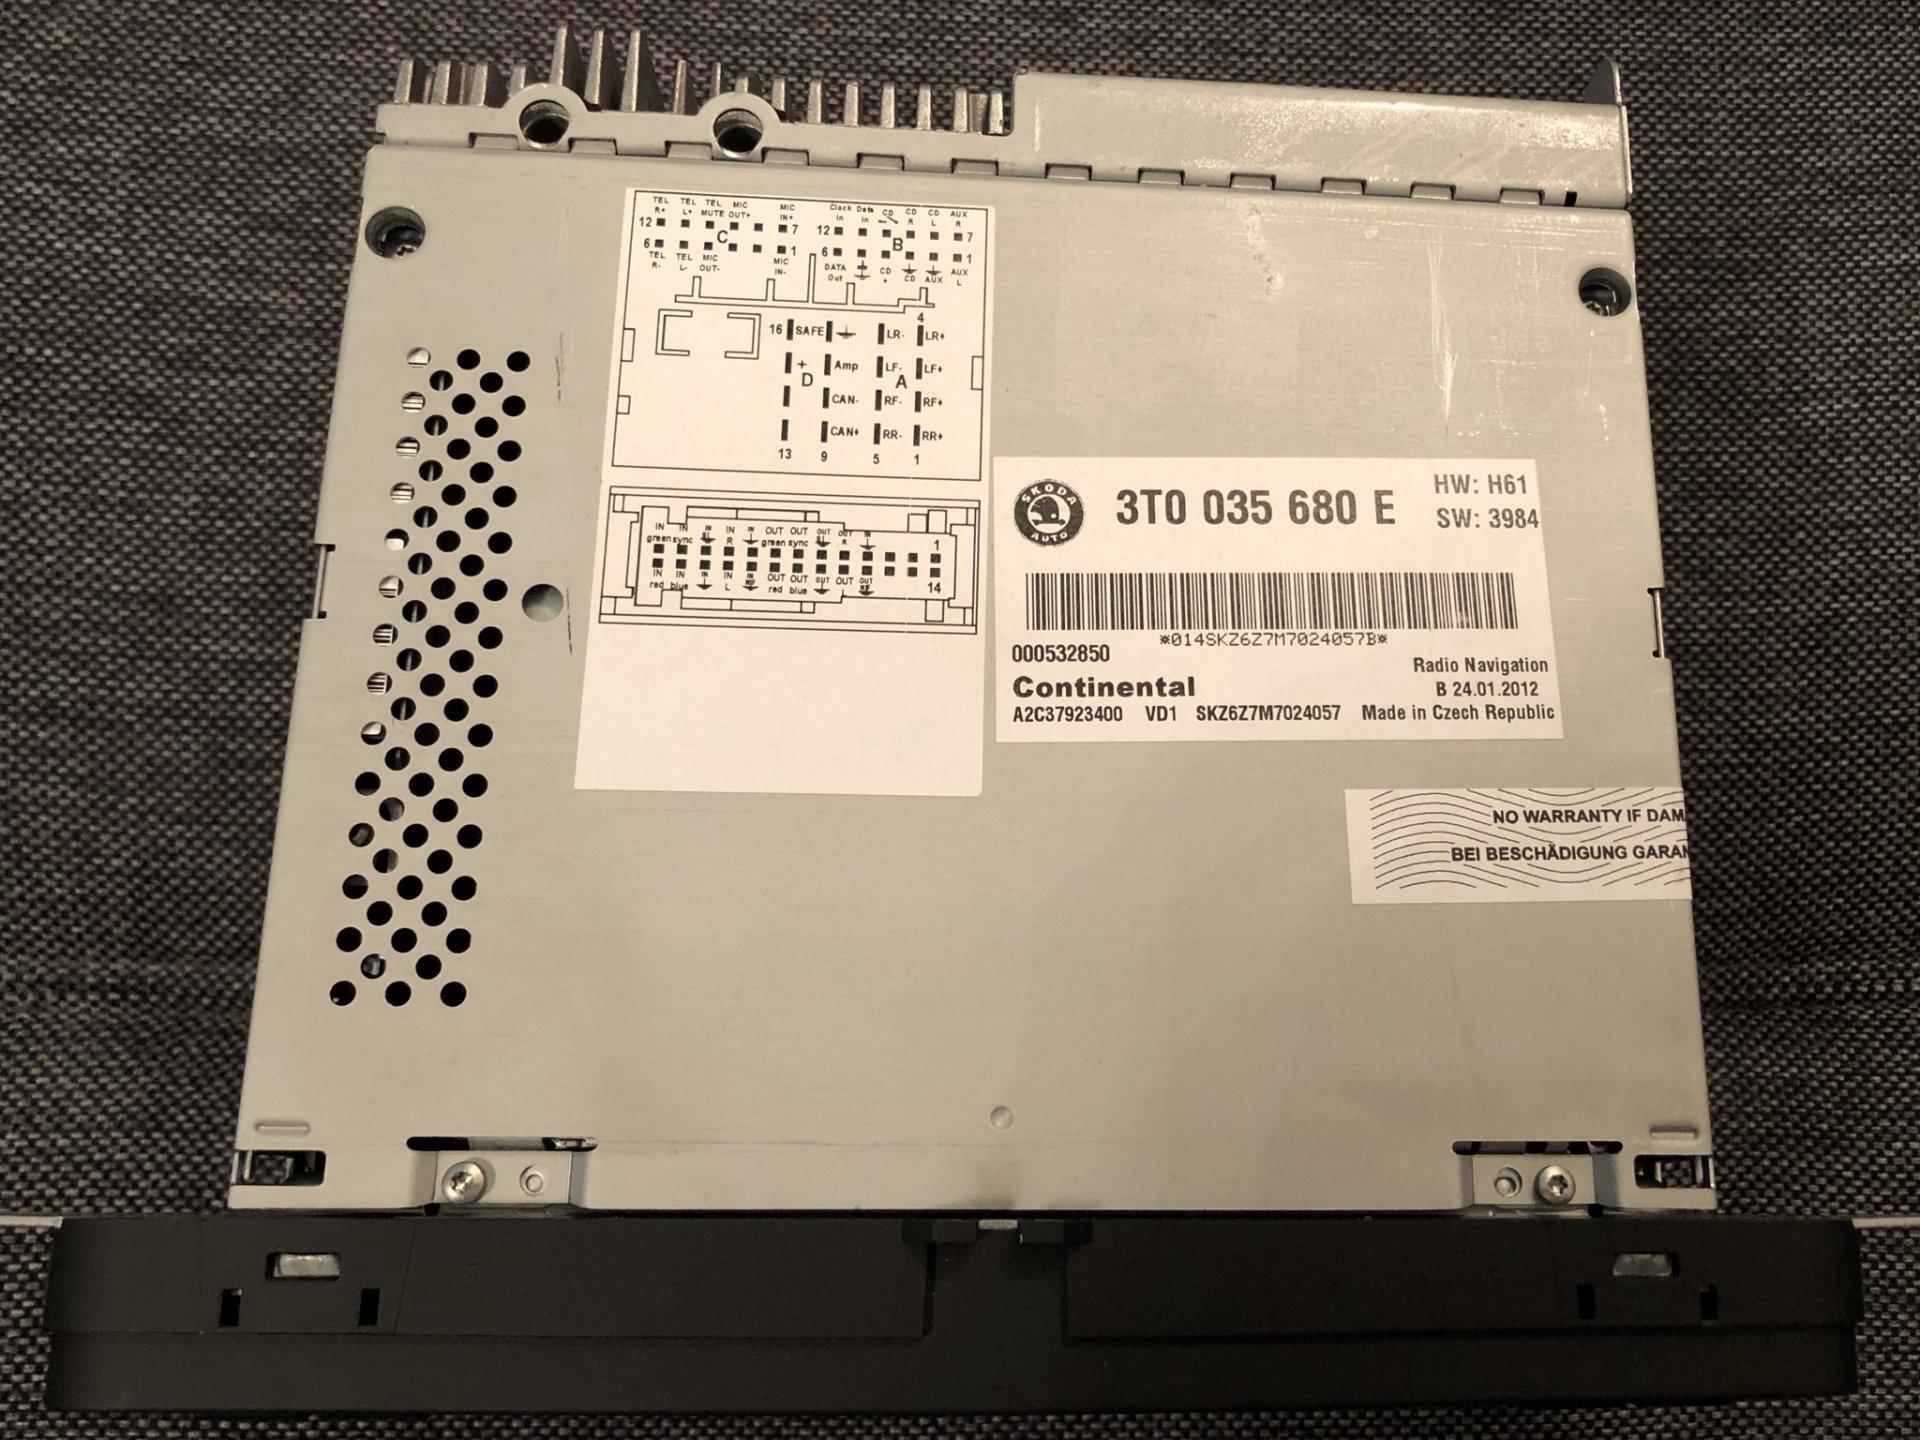 3B6596B2-EB54-401F-B4B3-53B0C54D730B.jpeg